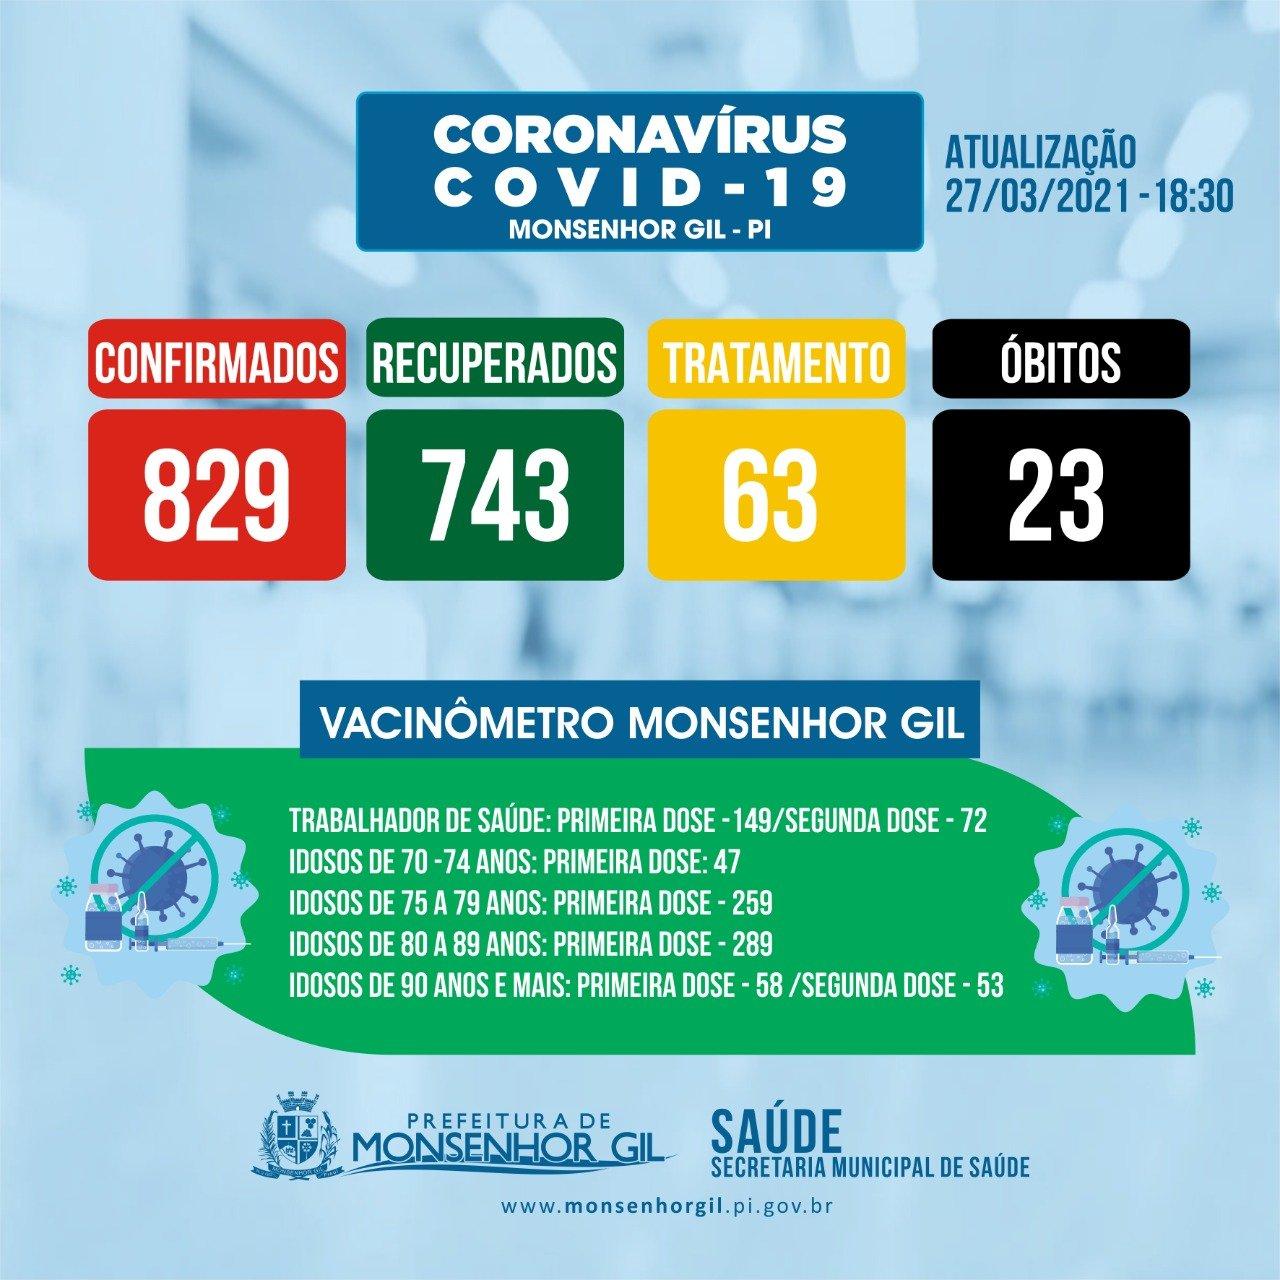 Covid-19 - Prefeito João Luiz grava mensagem e faz apelo e um alerta para população - Imagem 3